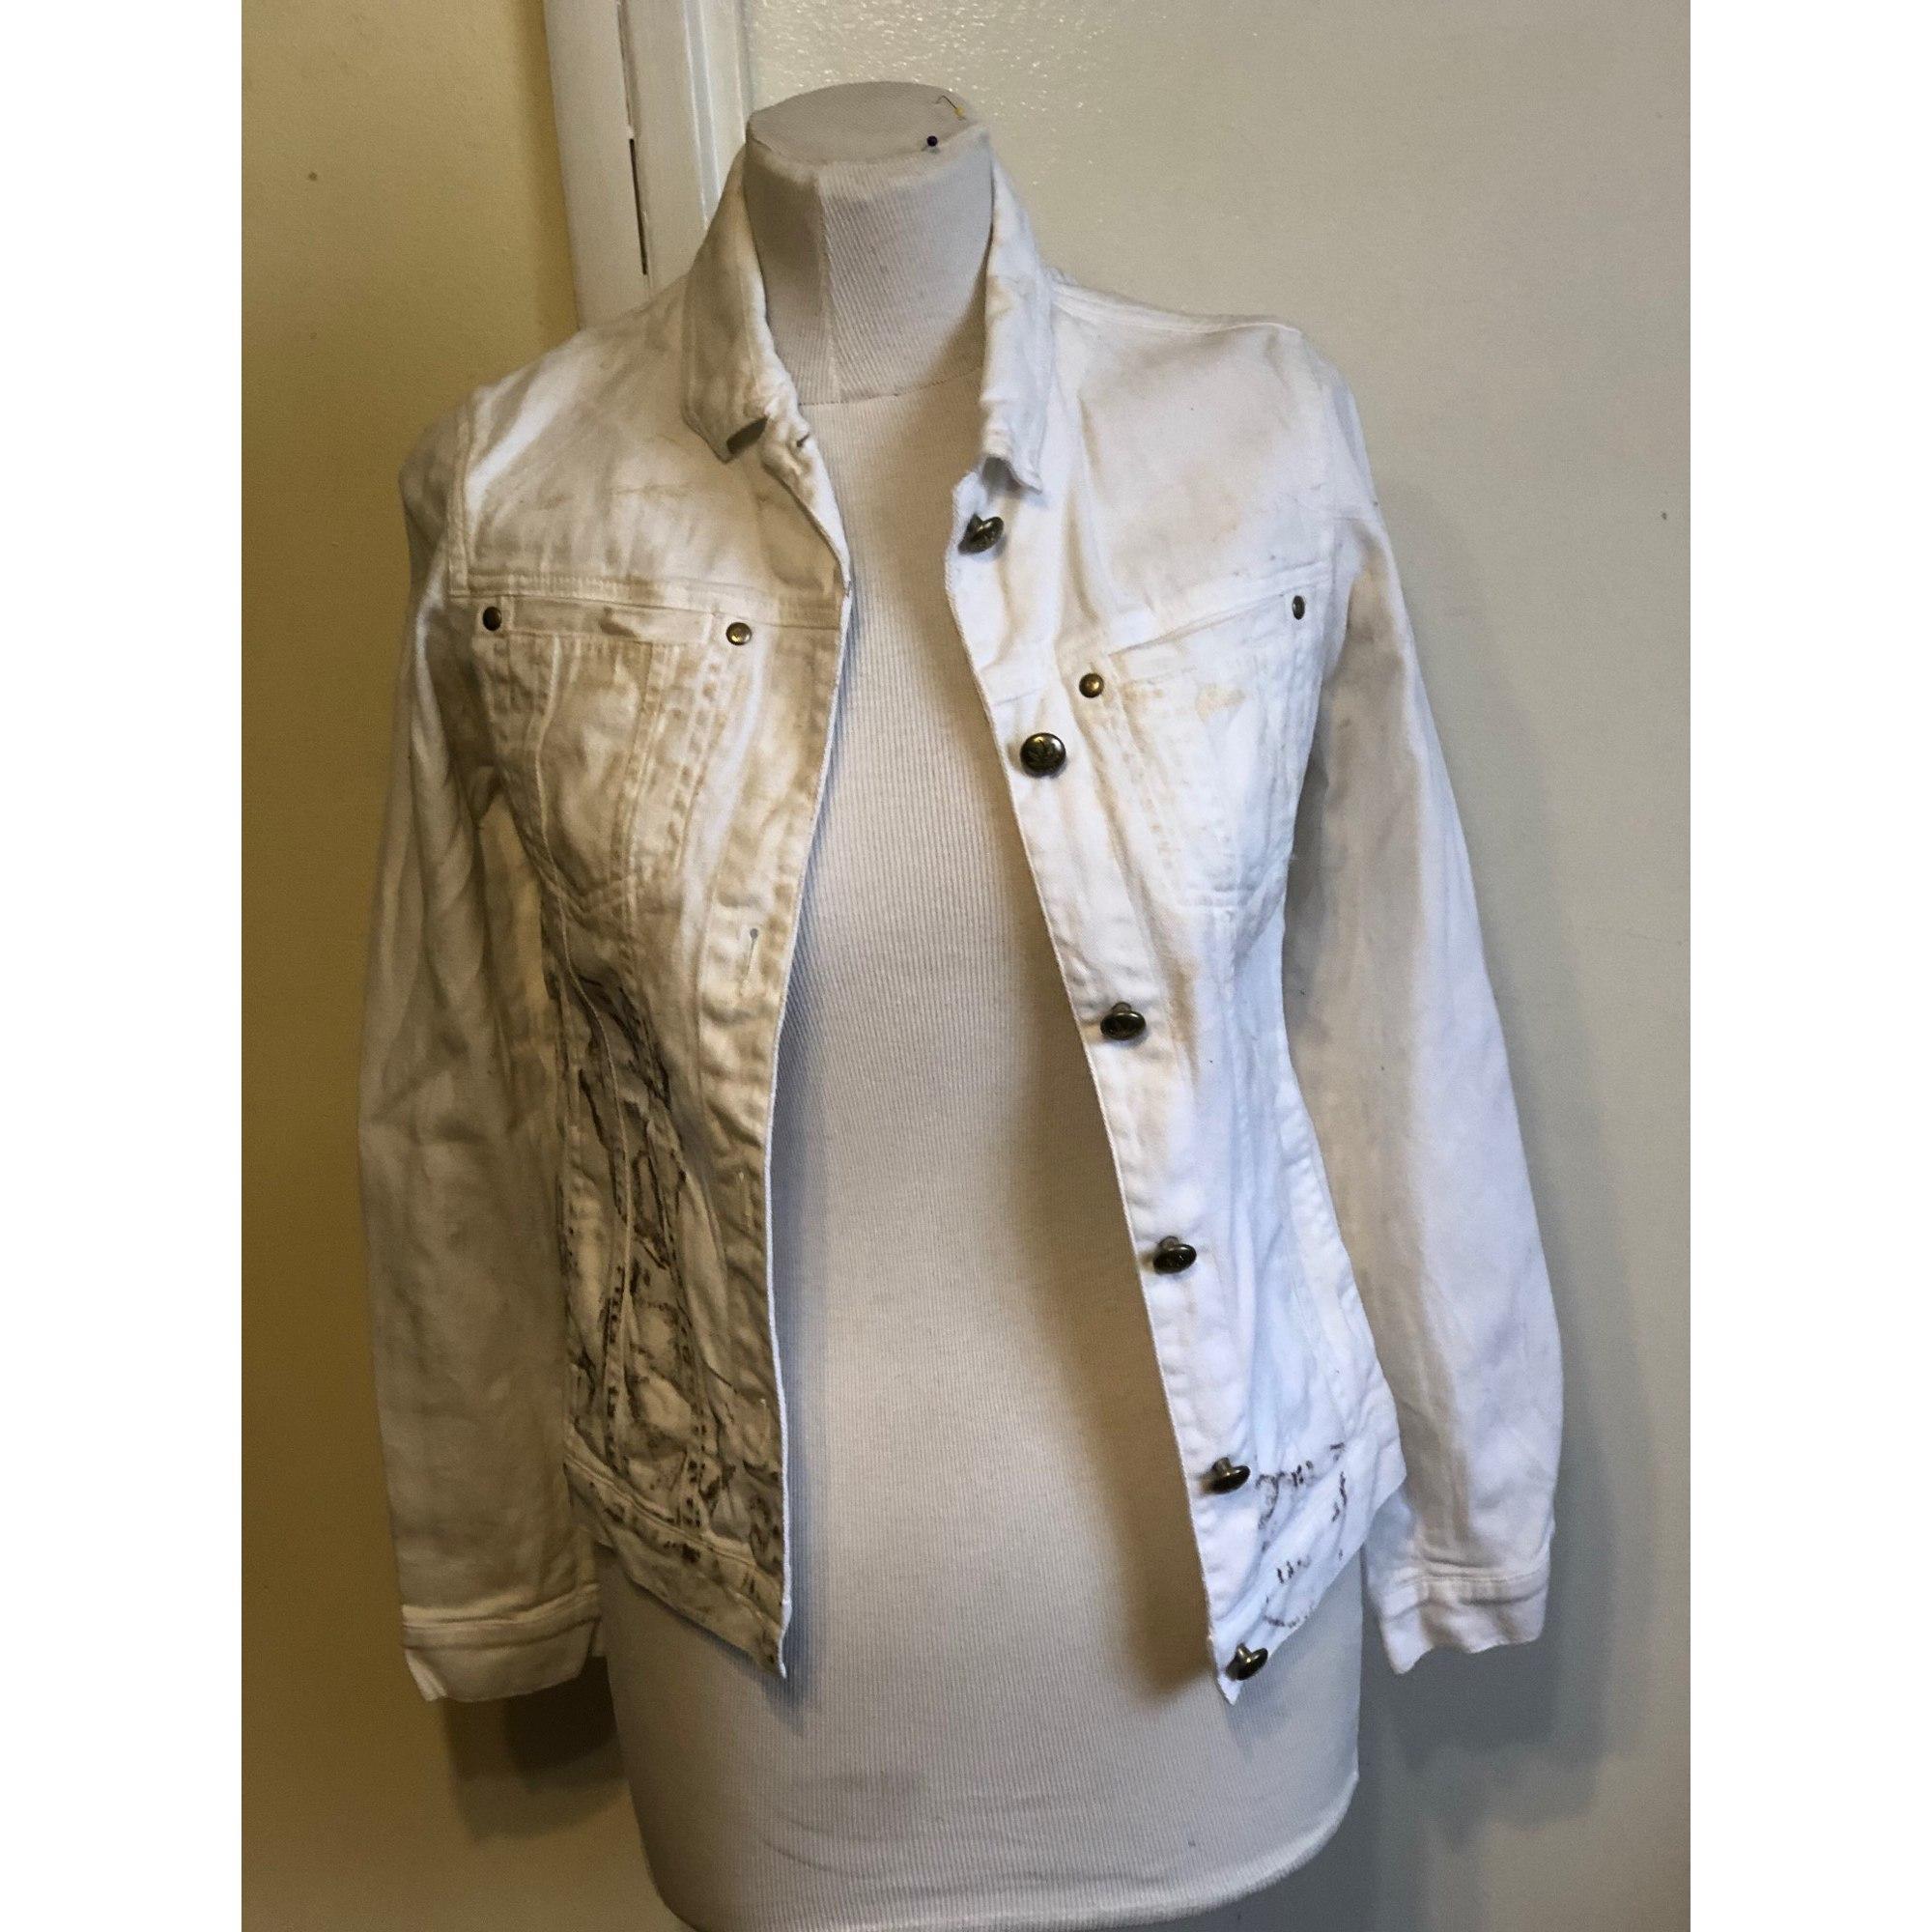 Veste en jean ZADIG & VOLTAIRE Blanc, blanc cassé, écru